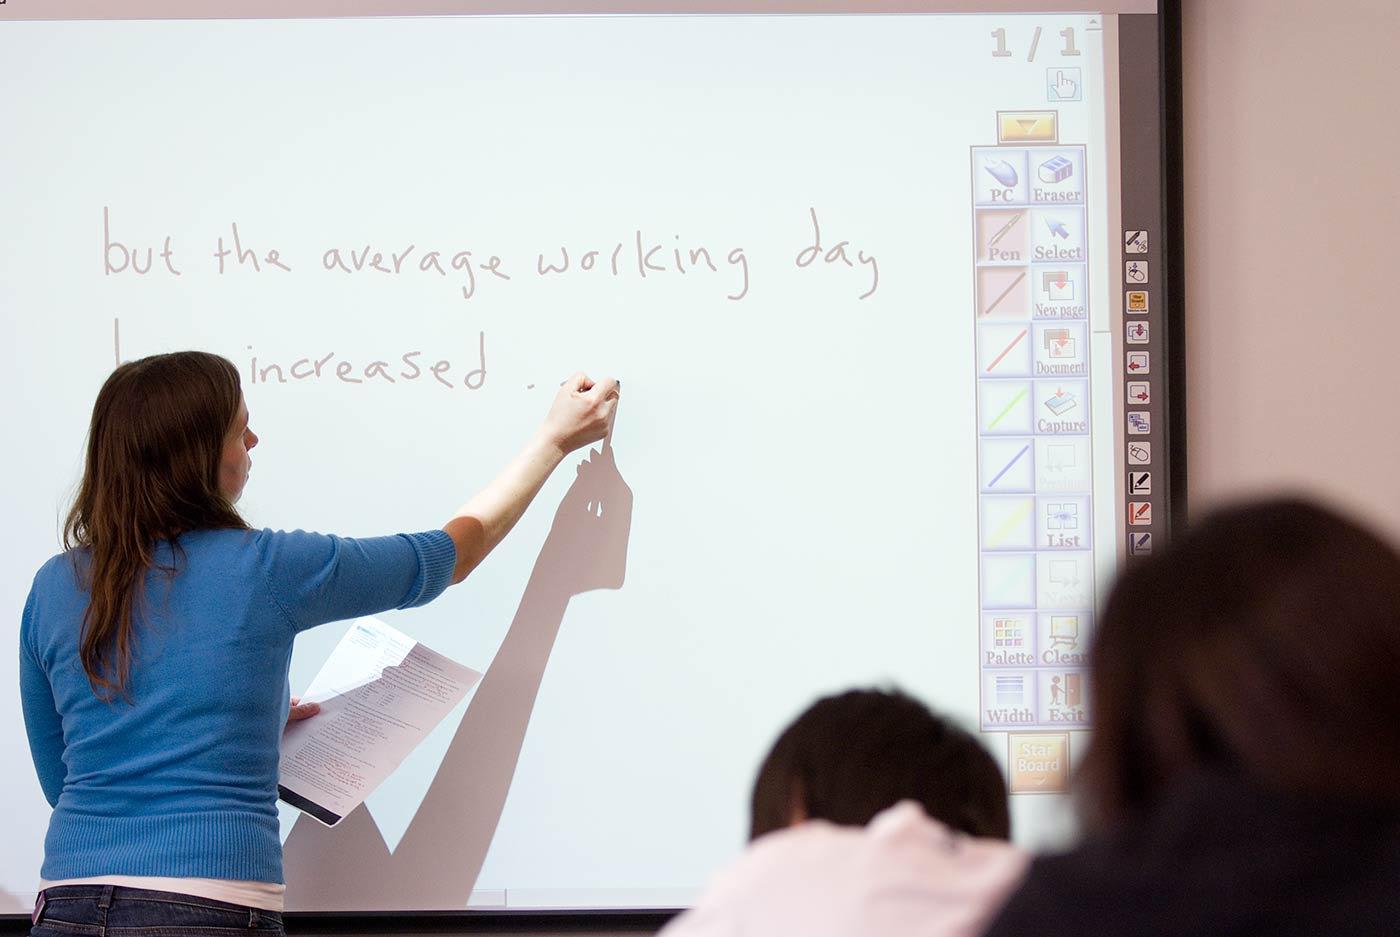 先进的教学设施帮助学生更好地进行课堂互动